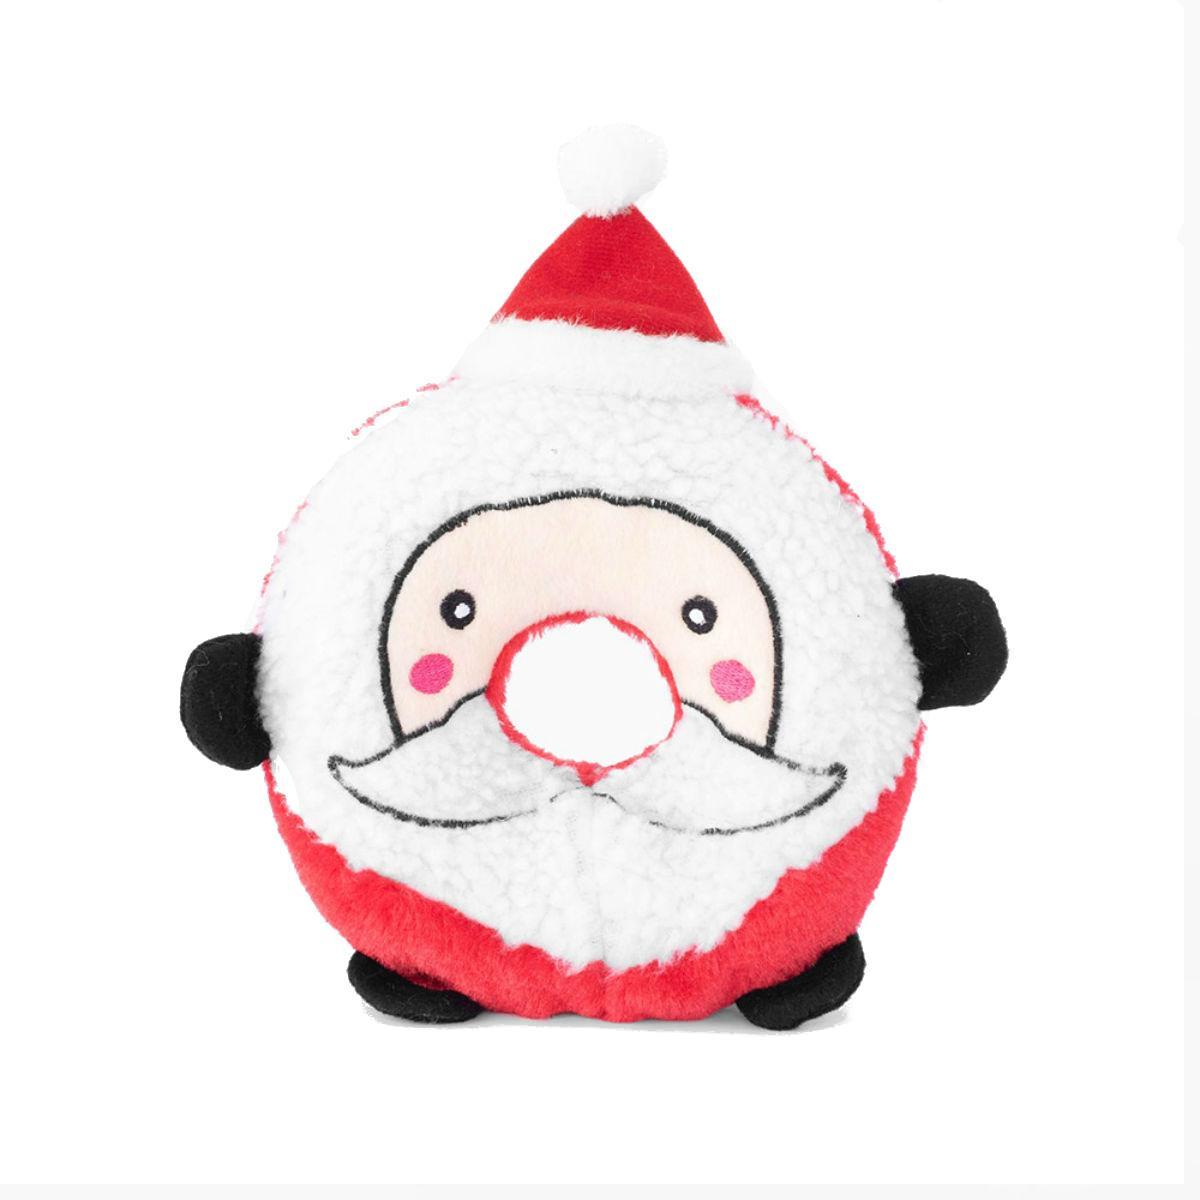 ZippyPaws Holiday Donutz Buddies Dog Toy - Santa